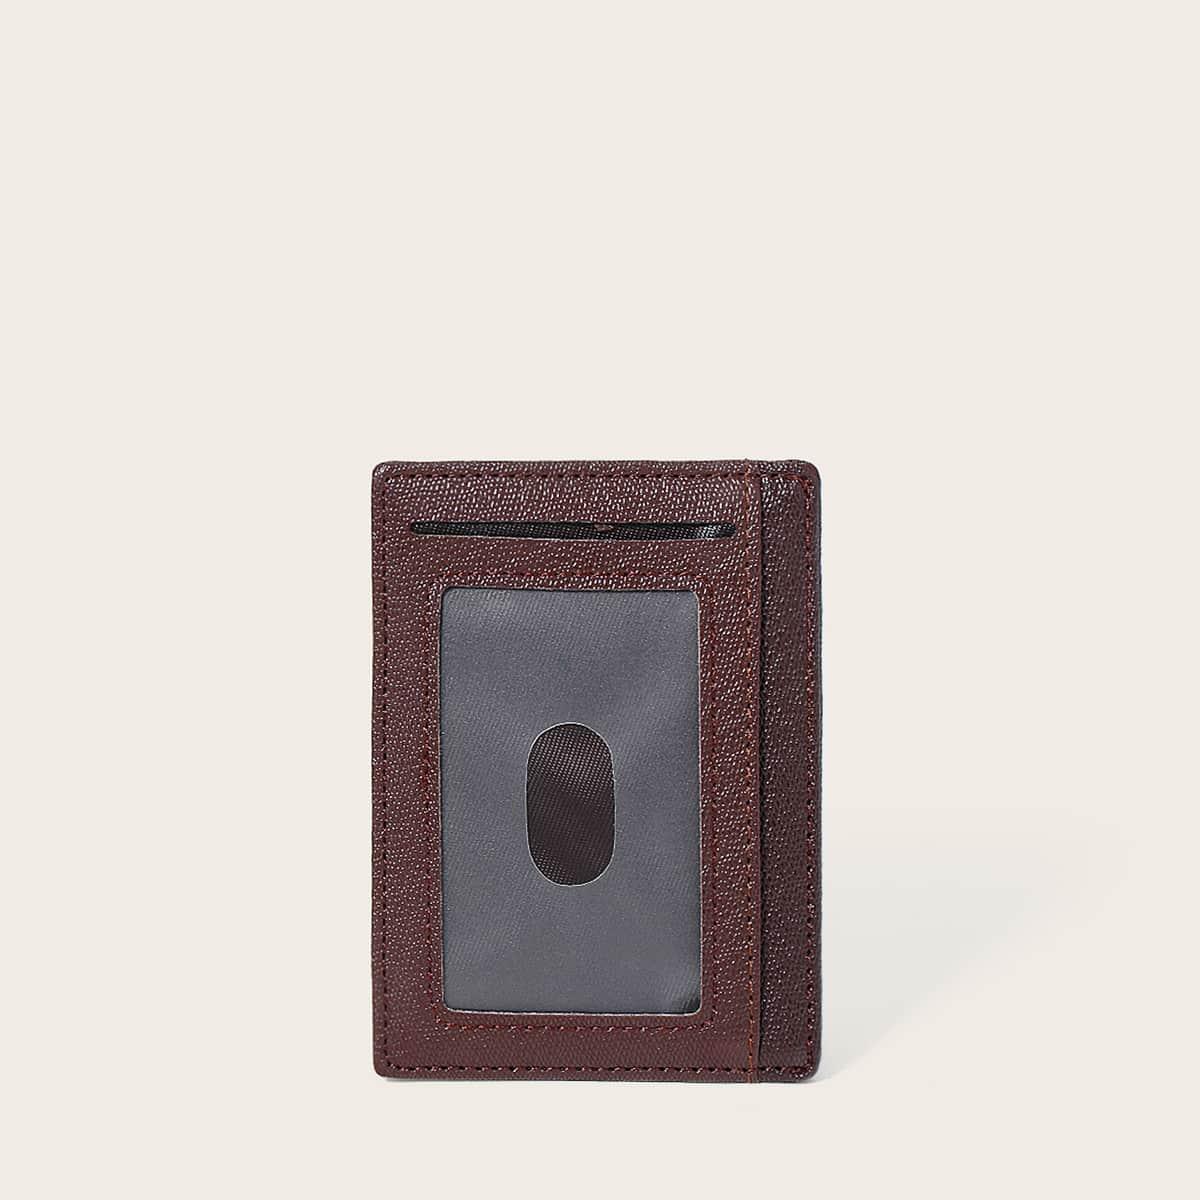 SHEIN Minimalistische kaarthouder